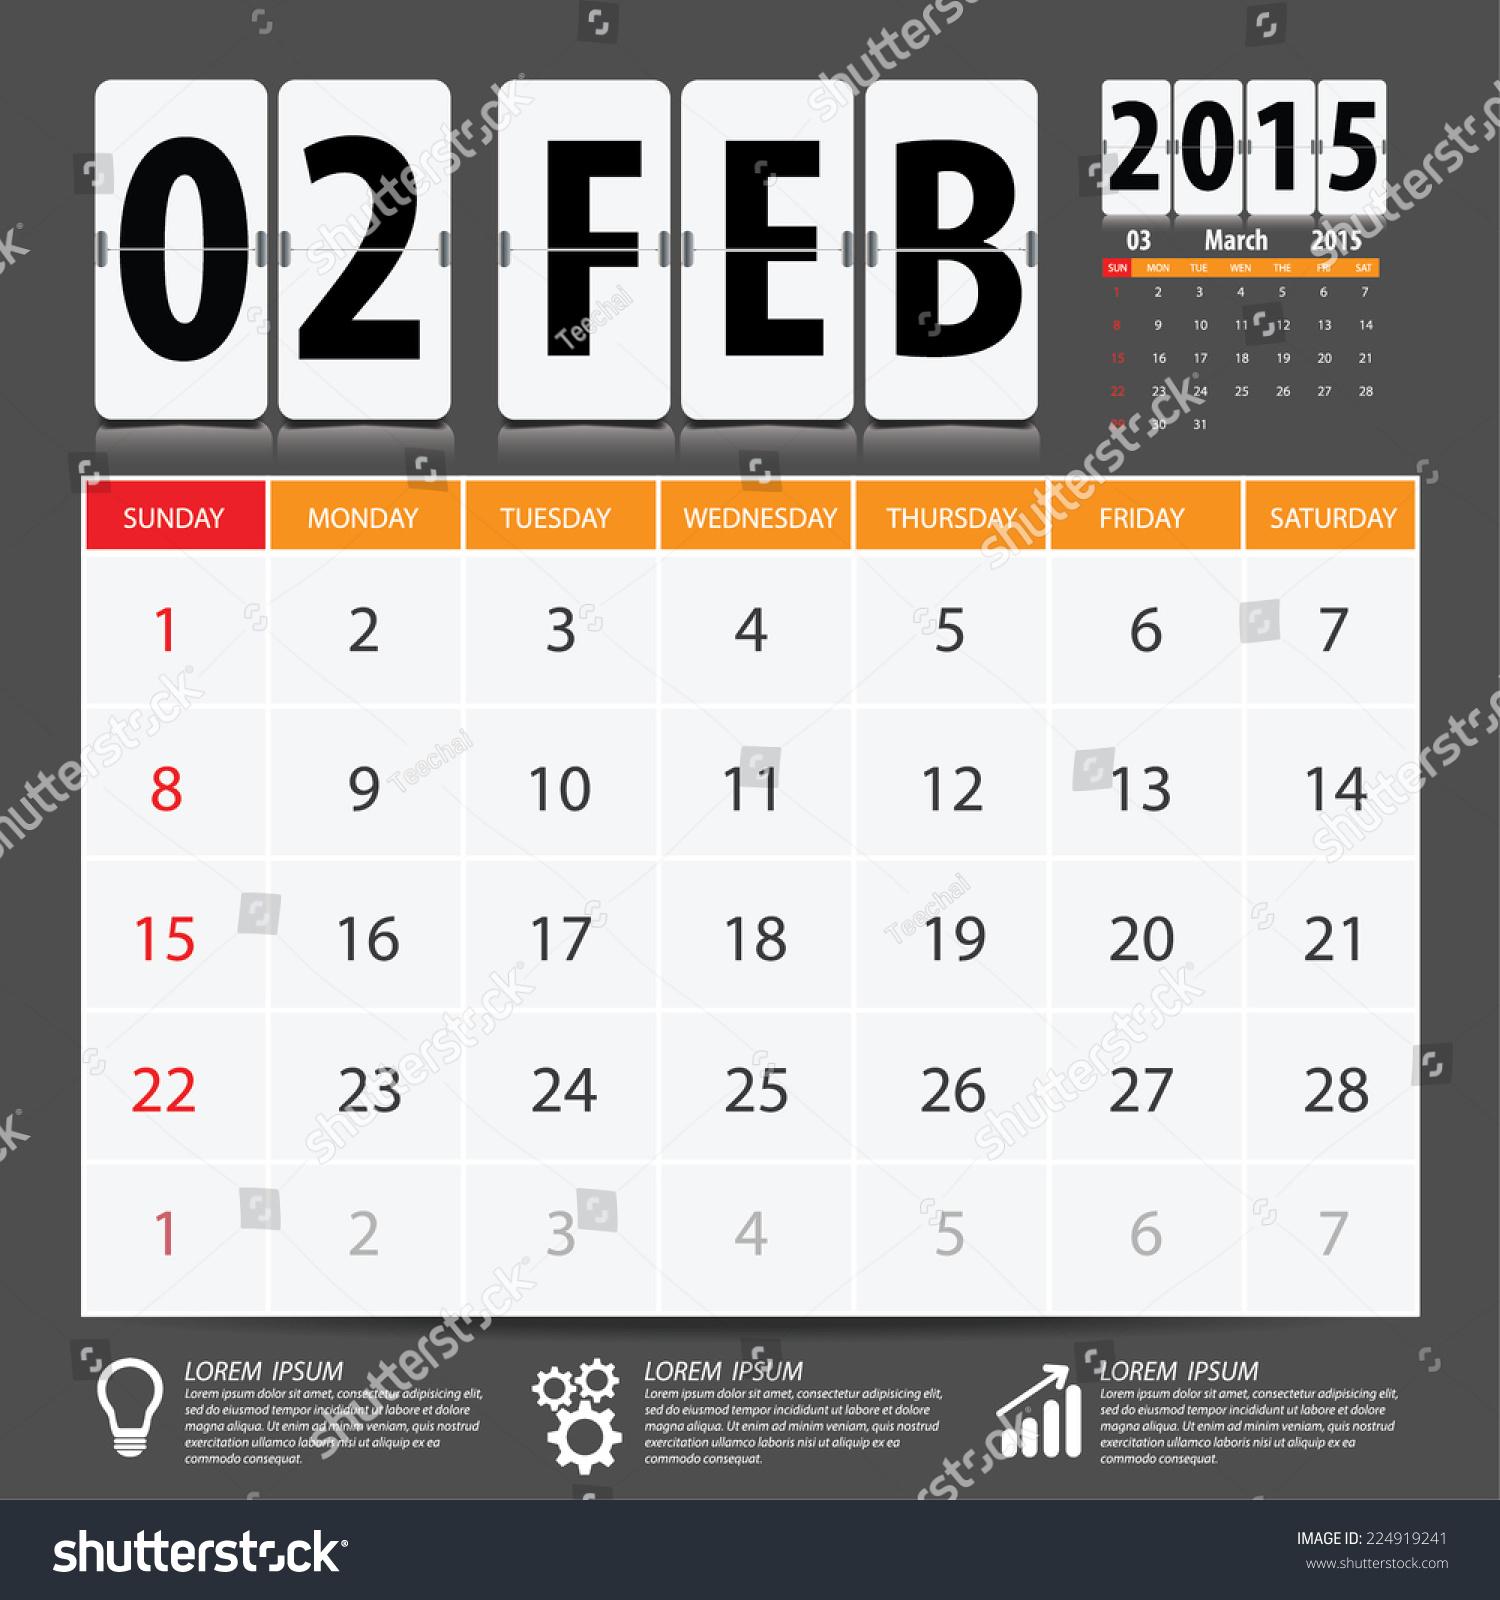 Calendar Typography Vector : Calendar vector design february stock